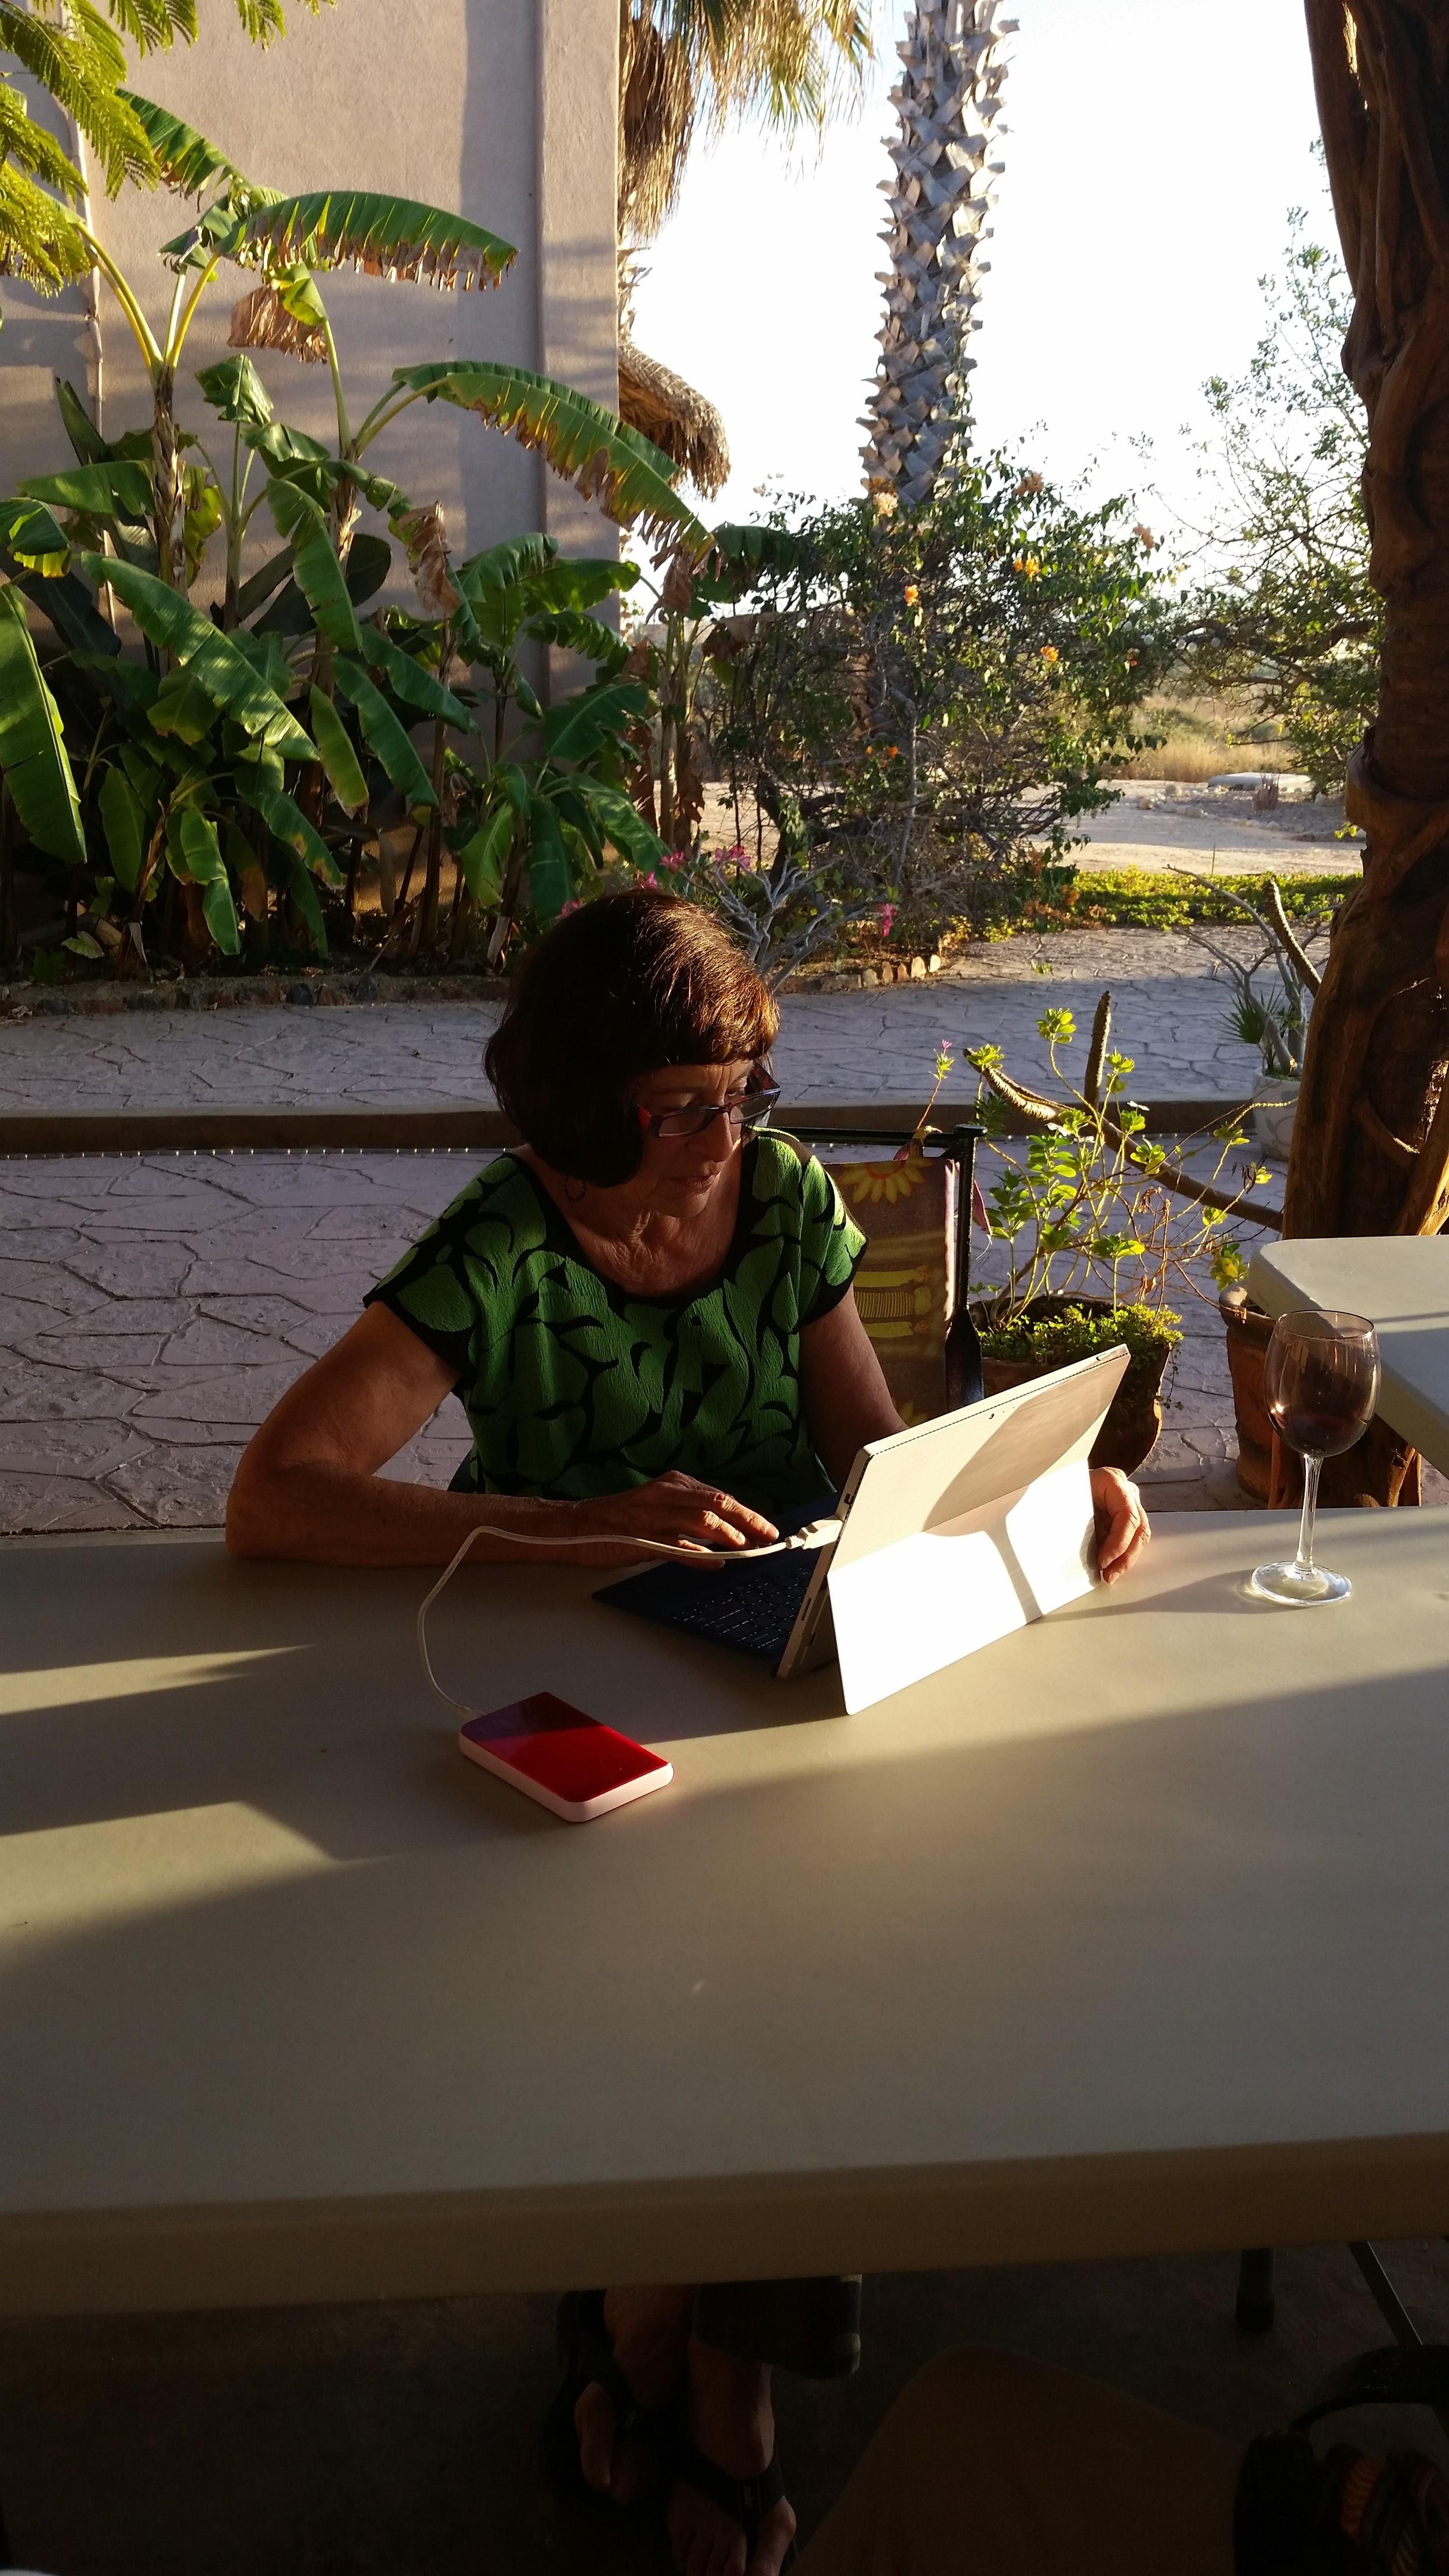 Julie working on her manuscript